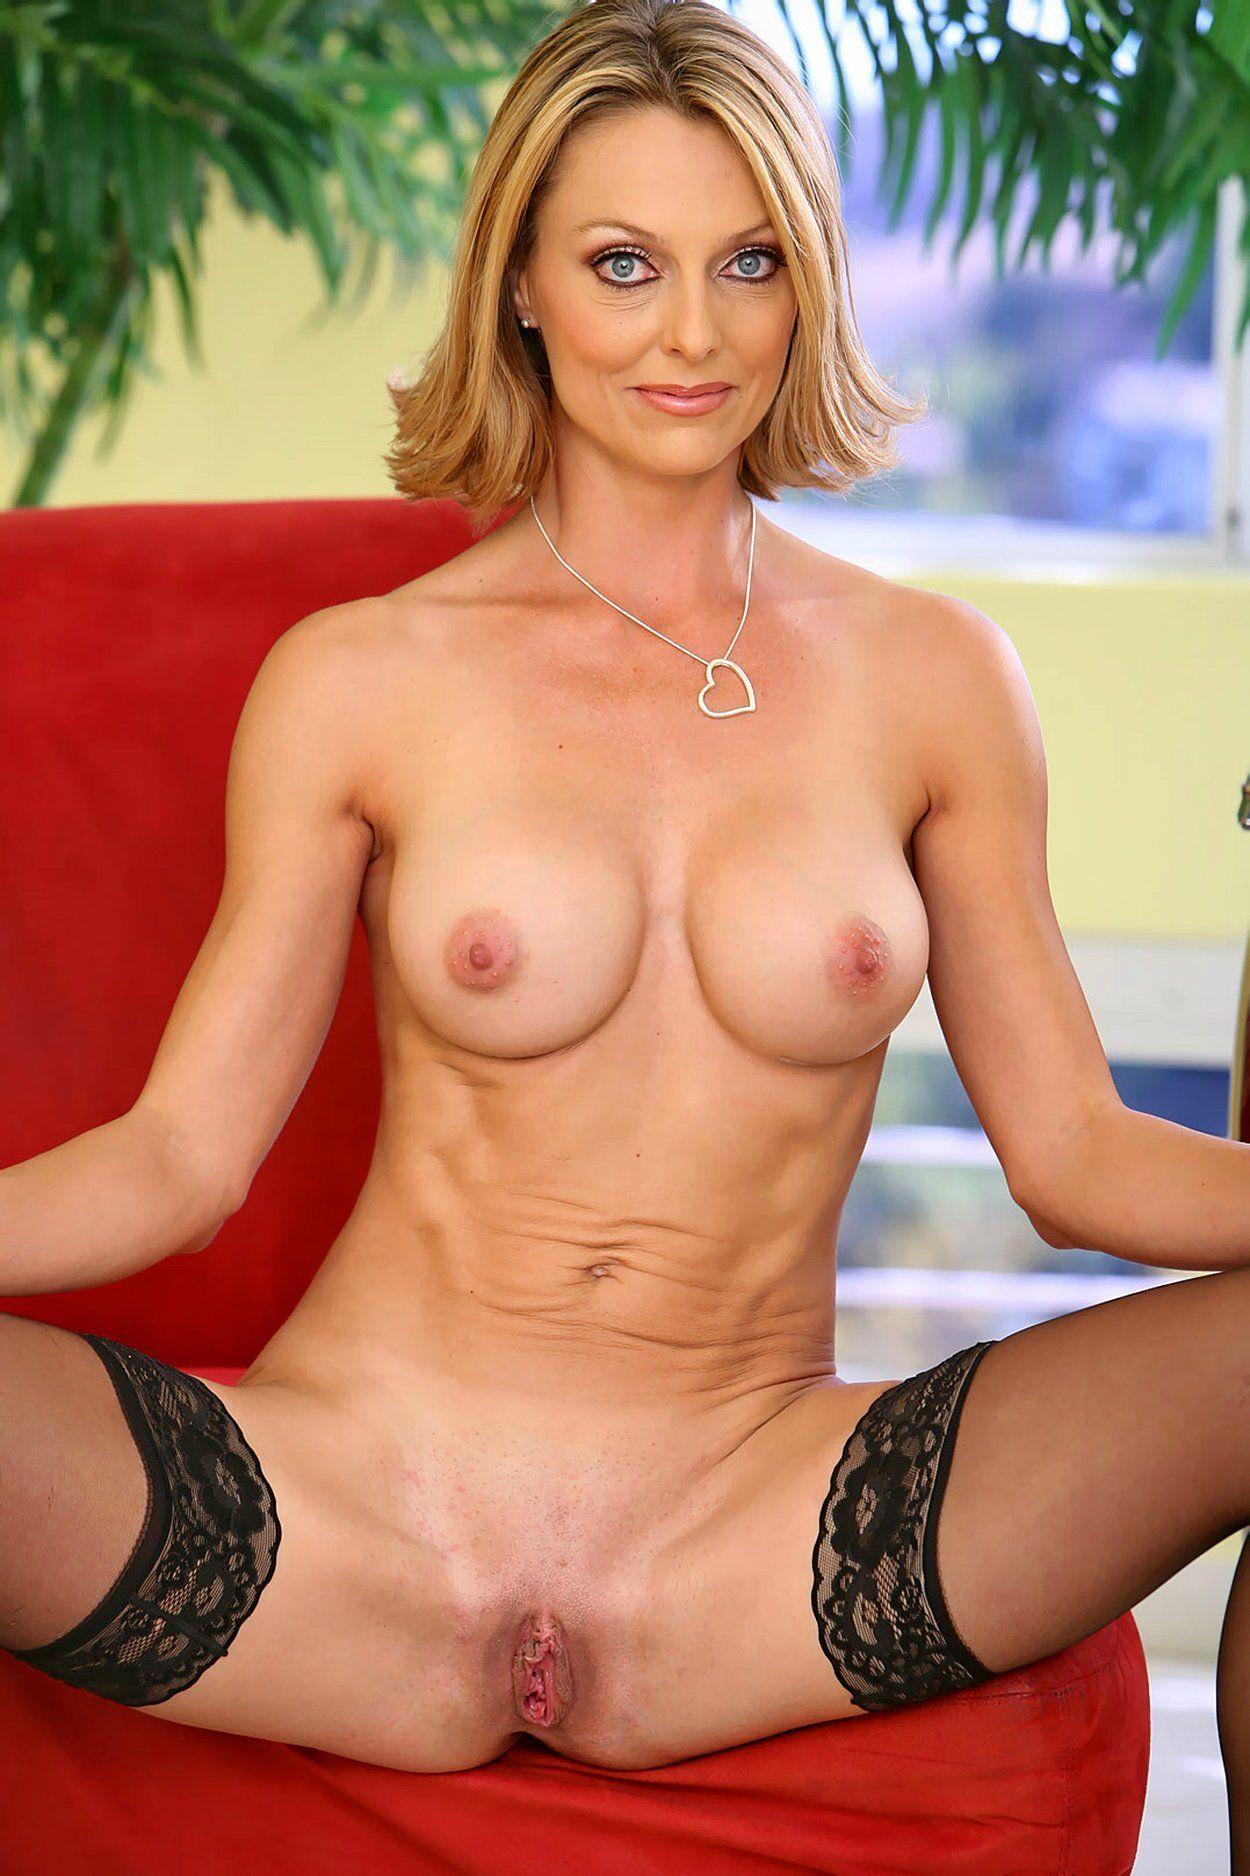 naked hot milf women